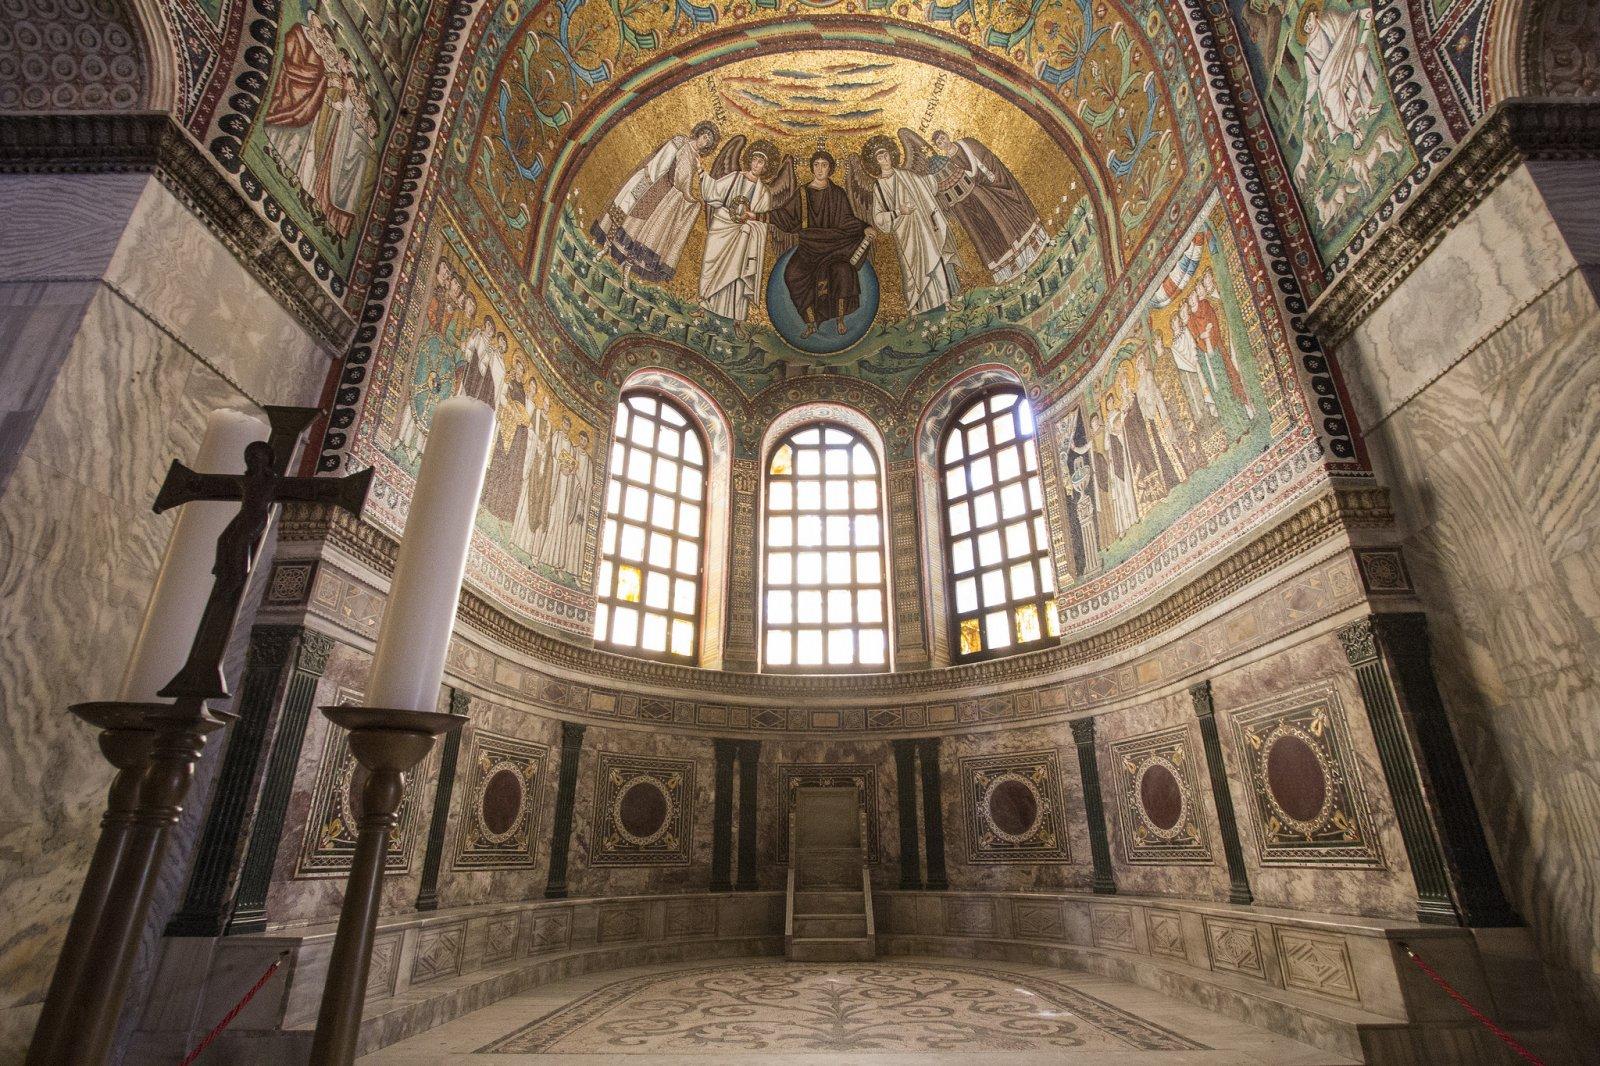 Волшебный фейерверк мозаик Равенны